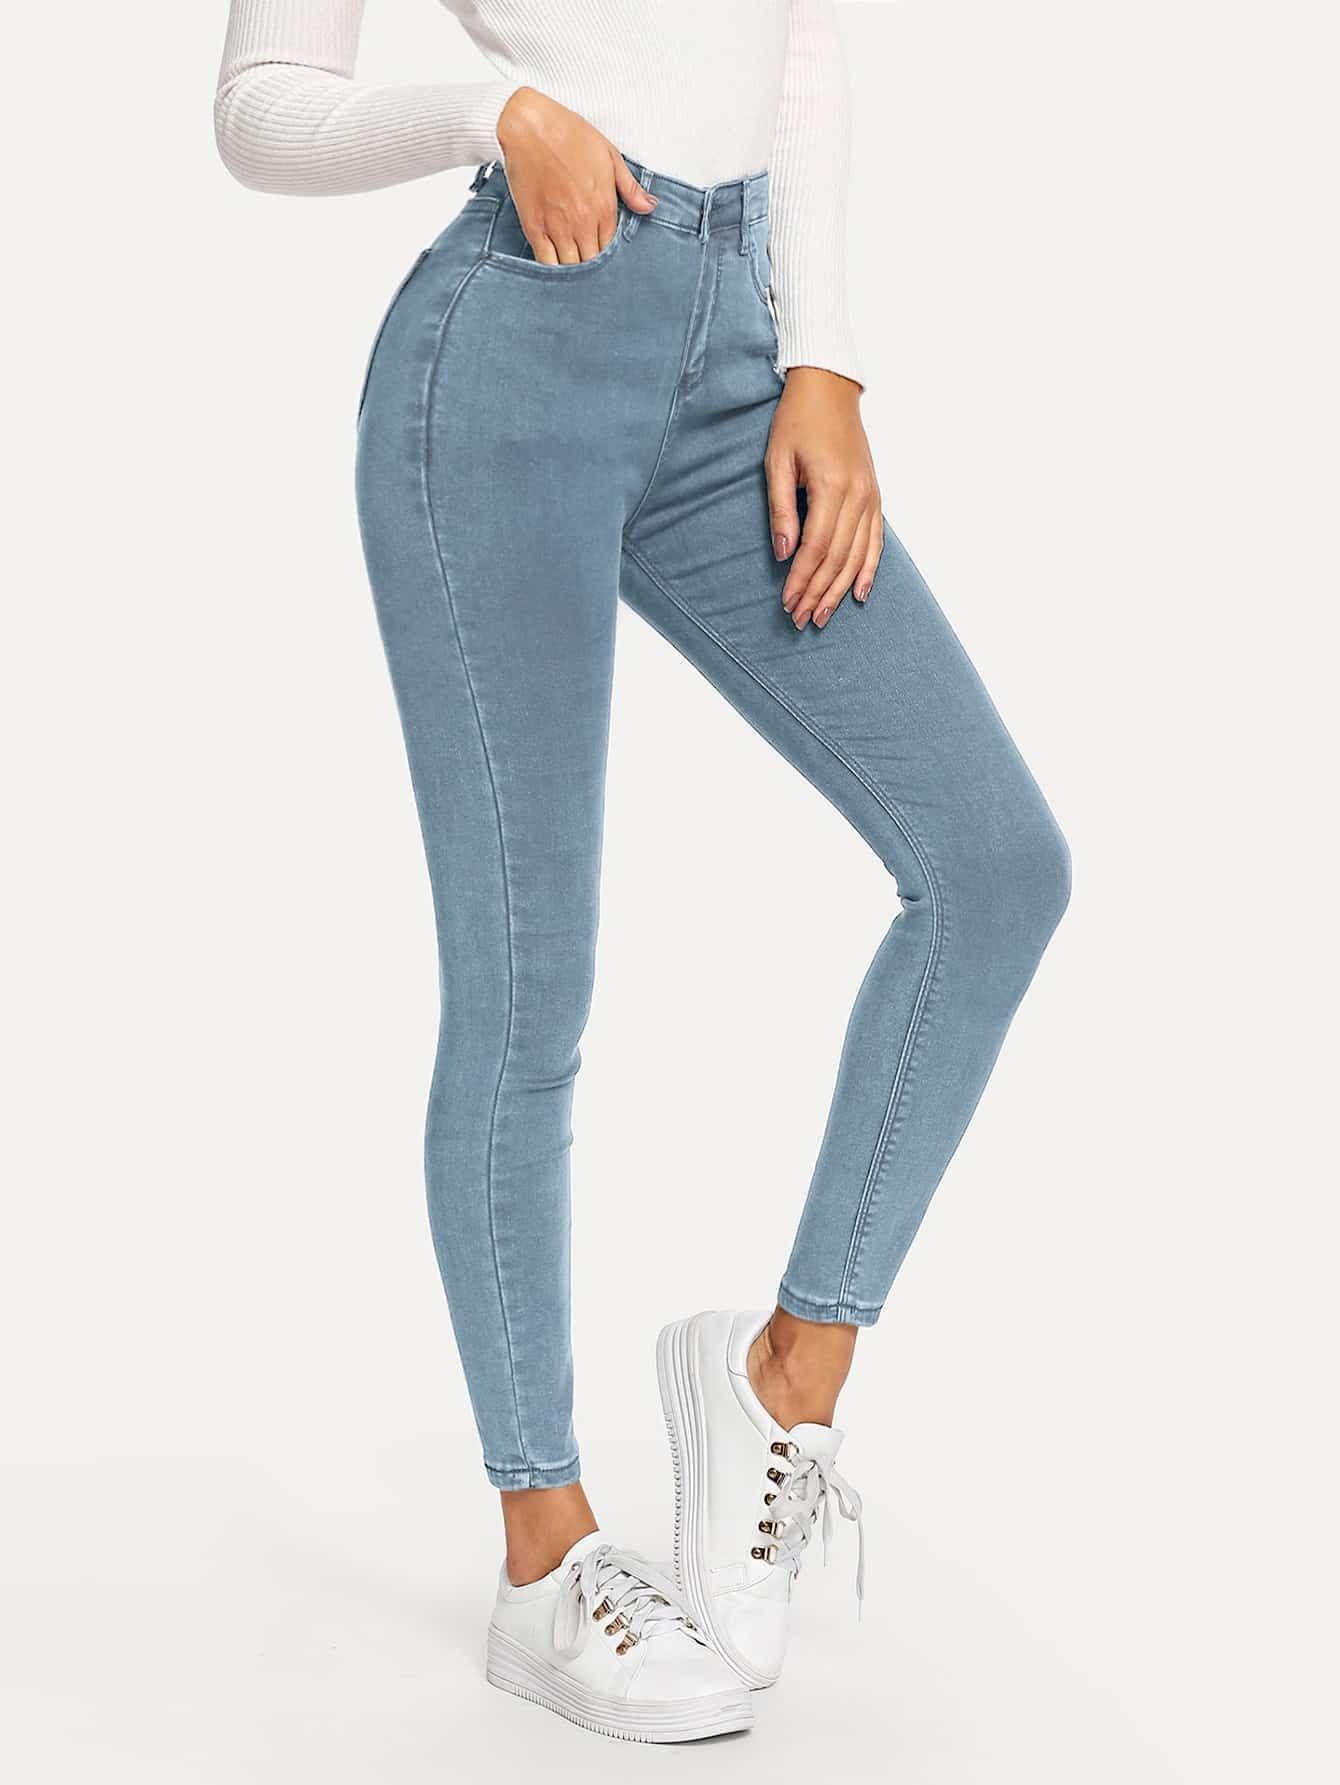 Vaqueros Tobilleros Ajustados No Te Pierdas Estos Vaqueros Tobilleros Ajustados Pantalones De Moda Pantalones Jeans De Moda Pantalones De Mezclilla Mujer